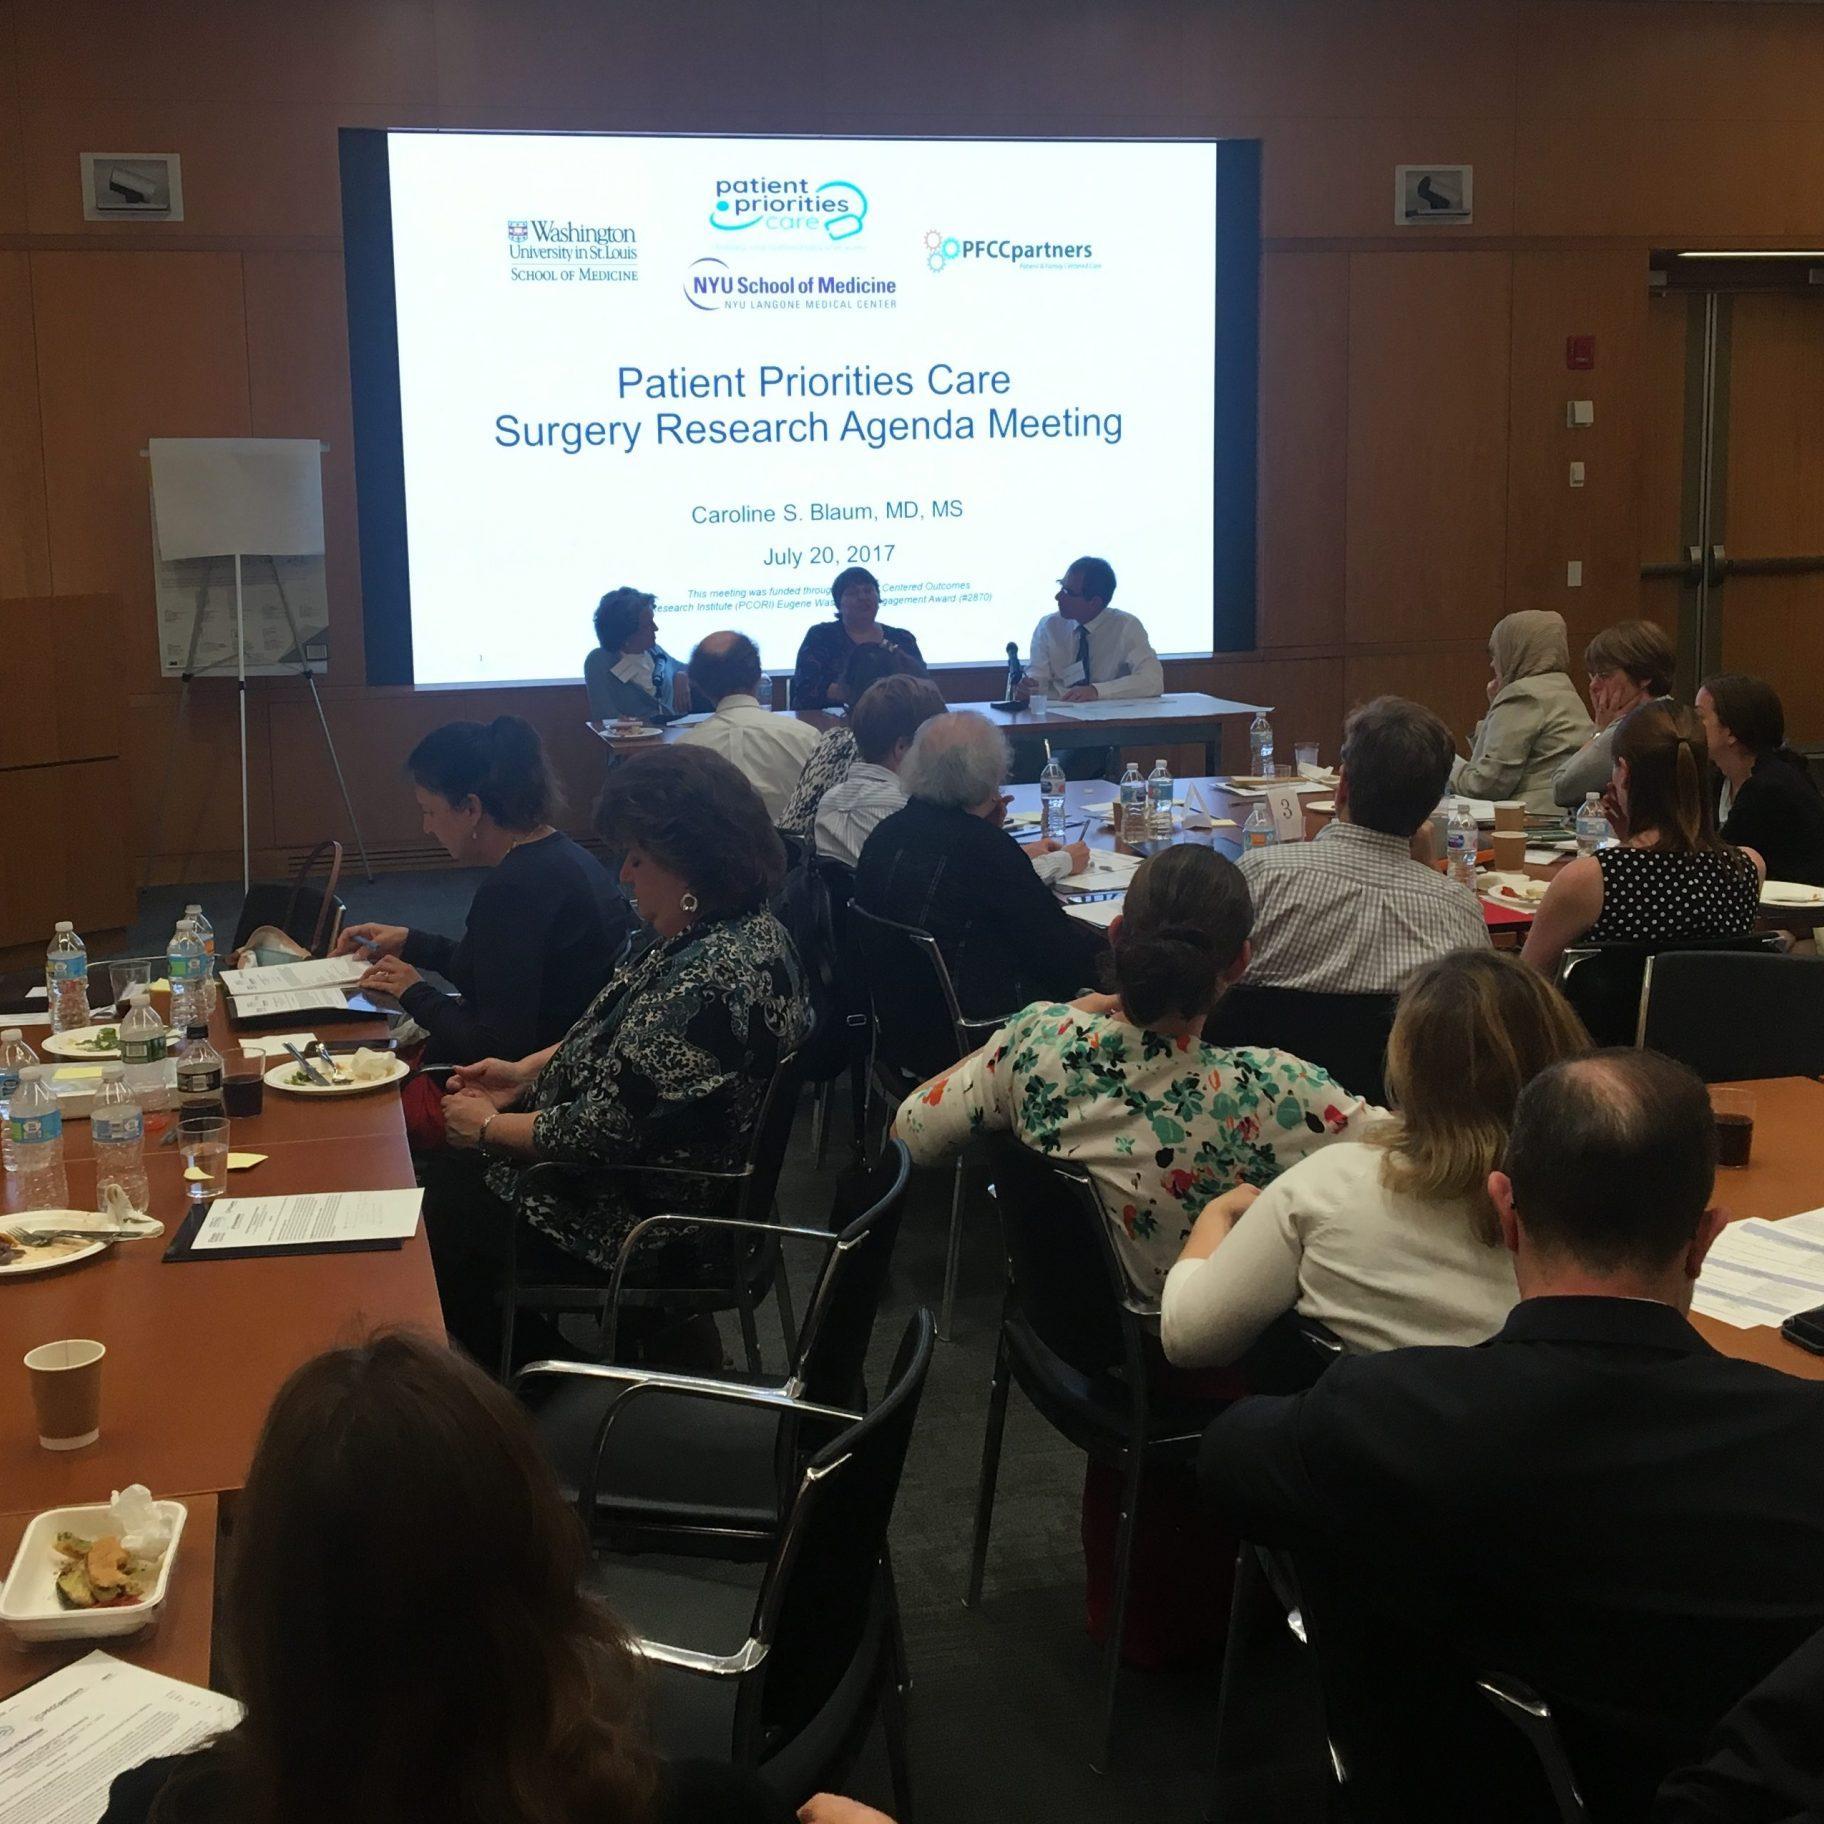 PCORI research agenda 2